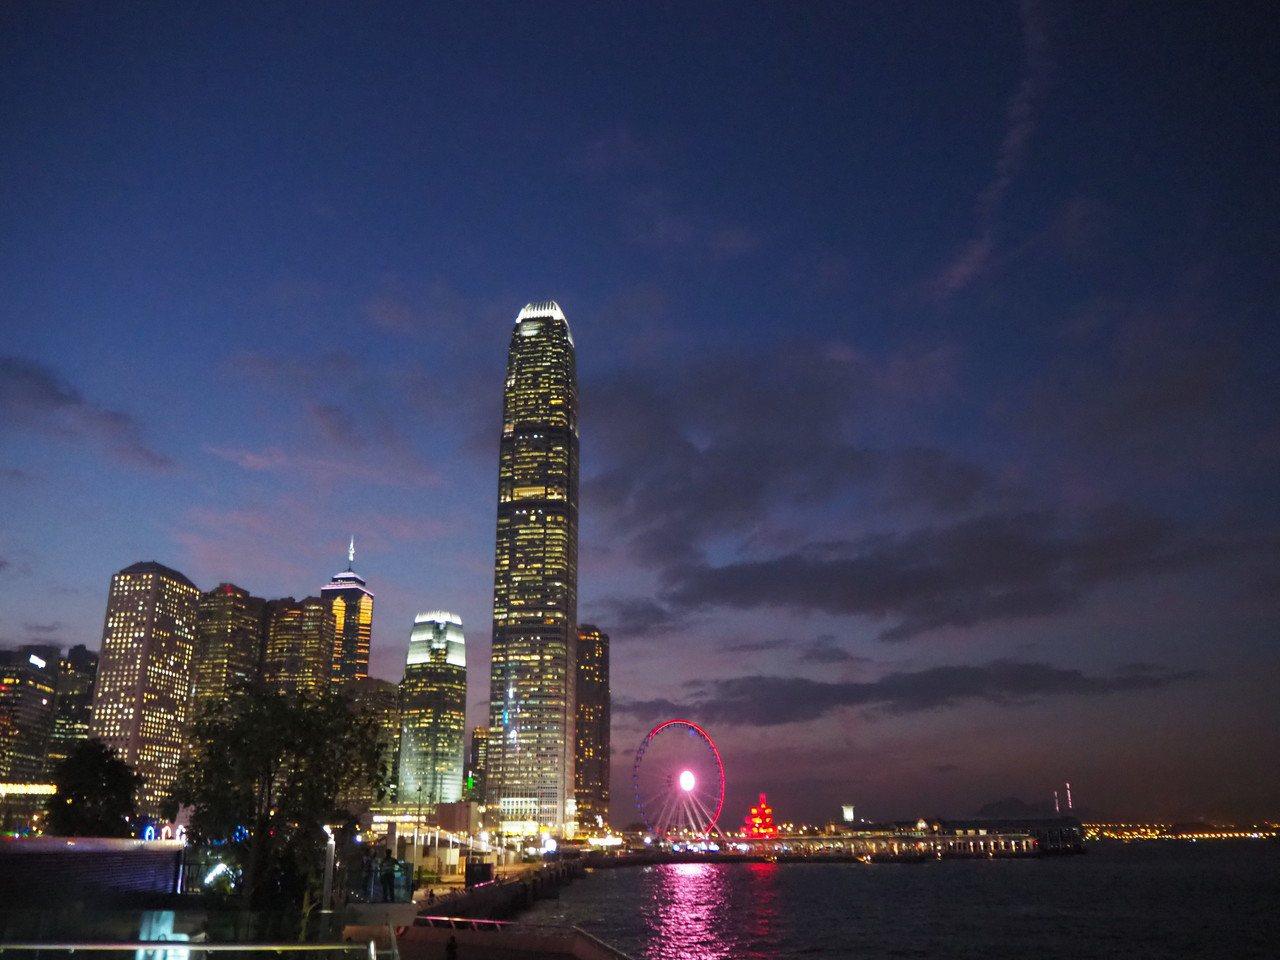 港鐵回復營運,香港旅遊仍在冰點,業者期盼能盡速回溫。記者羅建怡/攝影